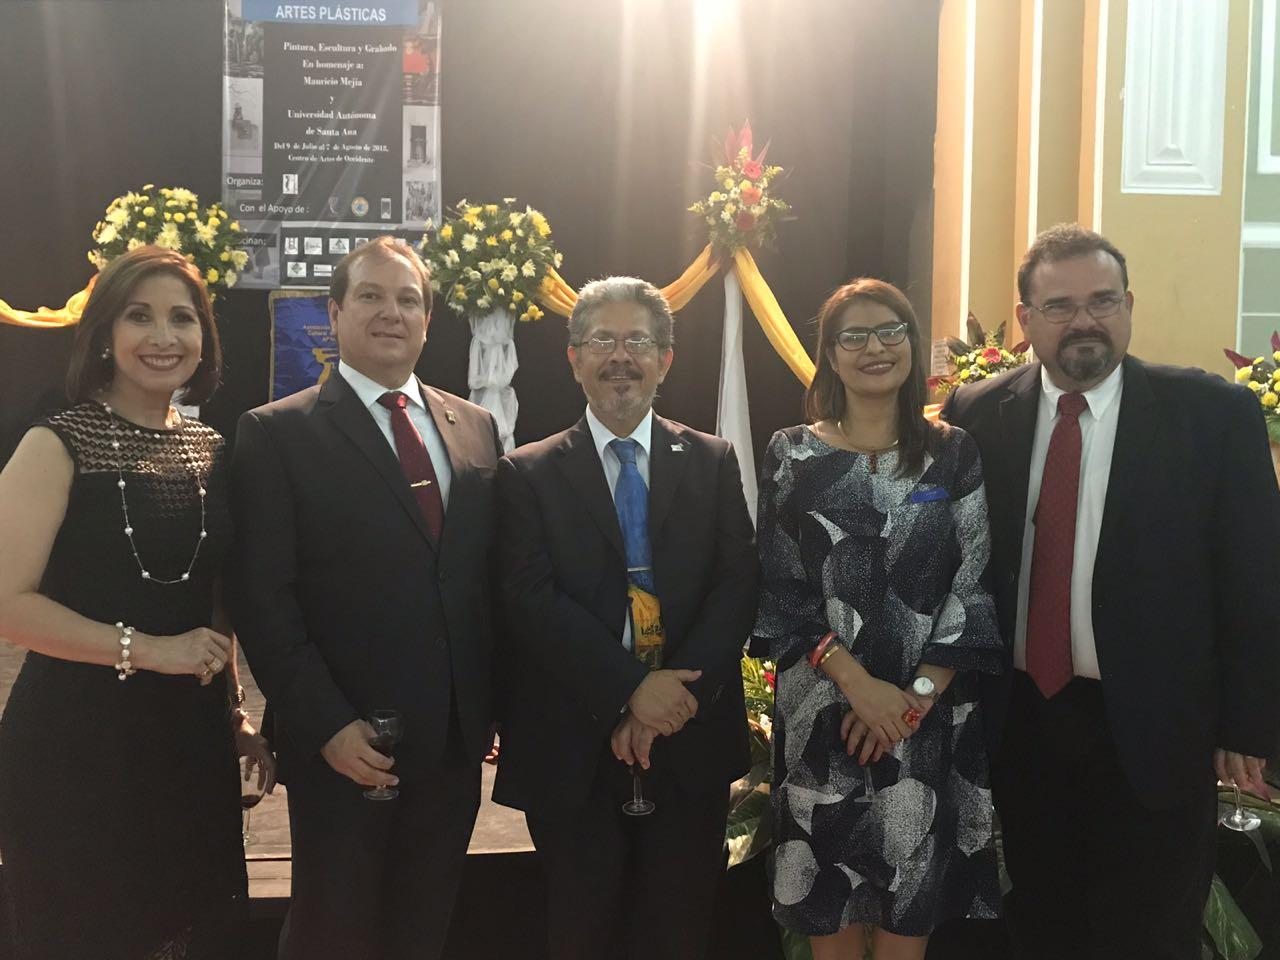 APACULSA reconoce esfuerzo de artistas salvadoreños e inaugura XXXII exposición de artes plásticas